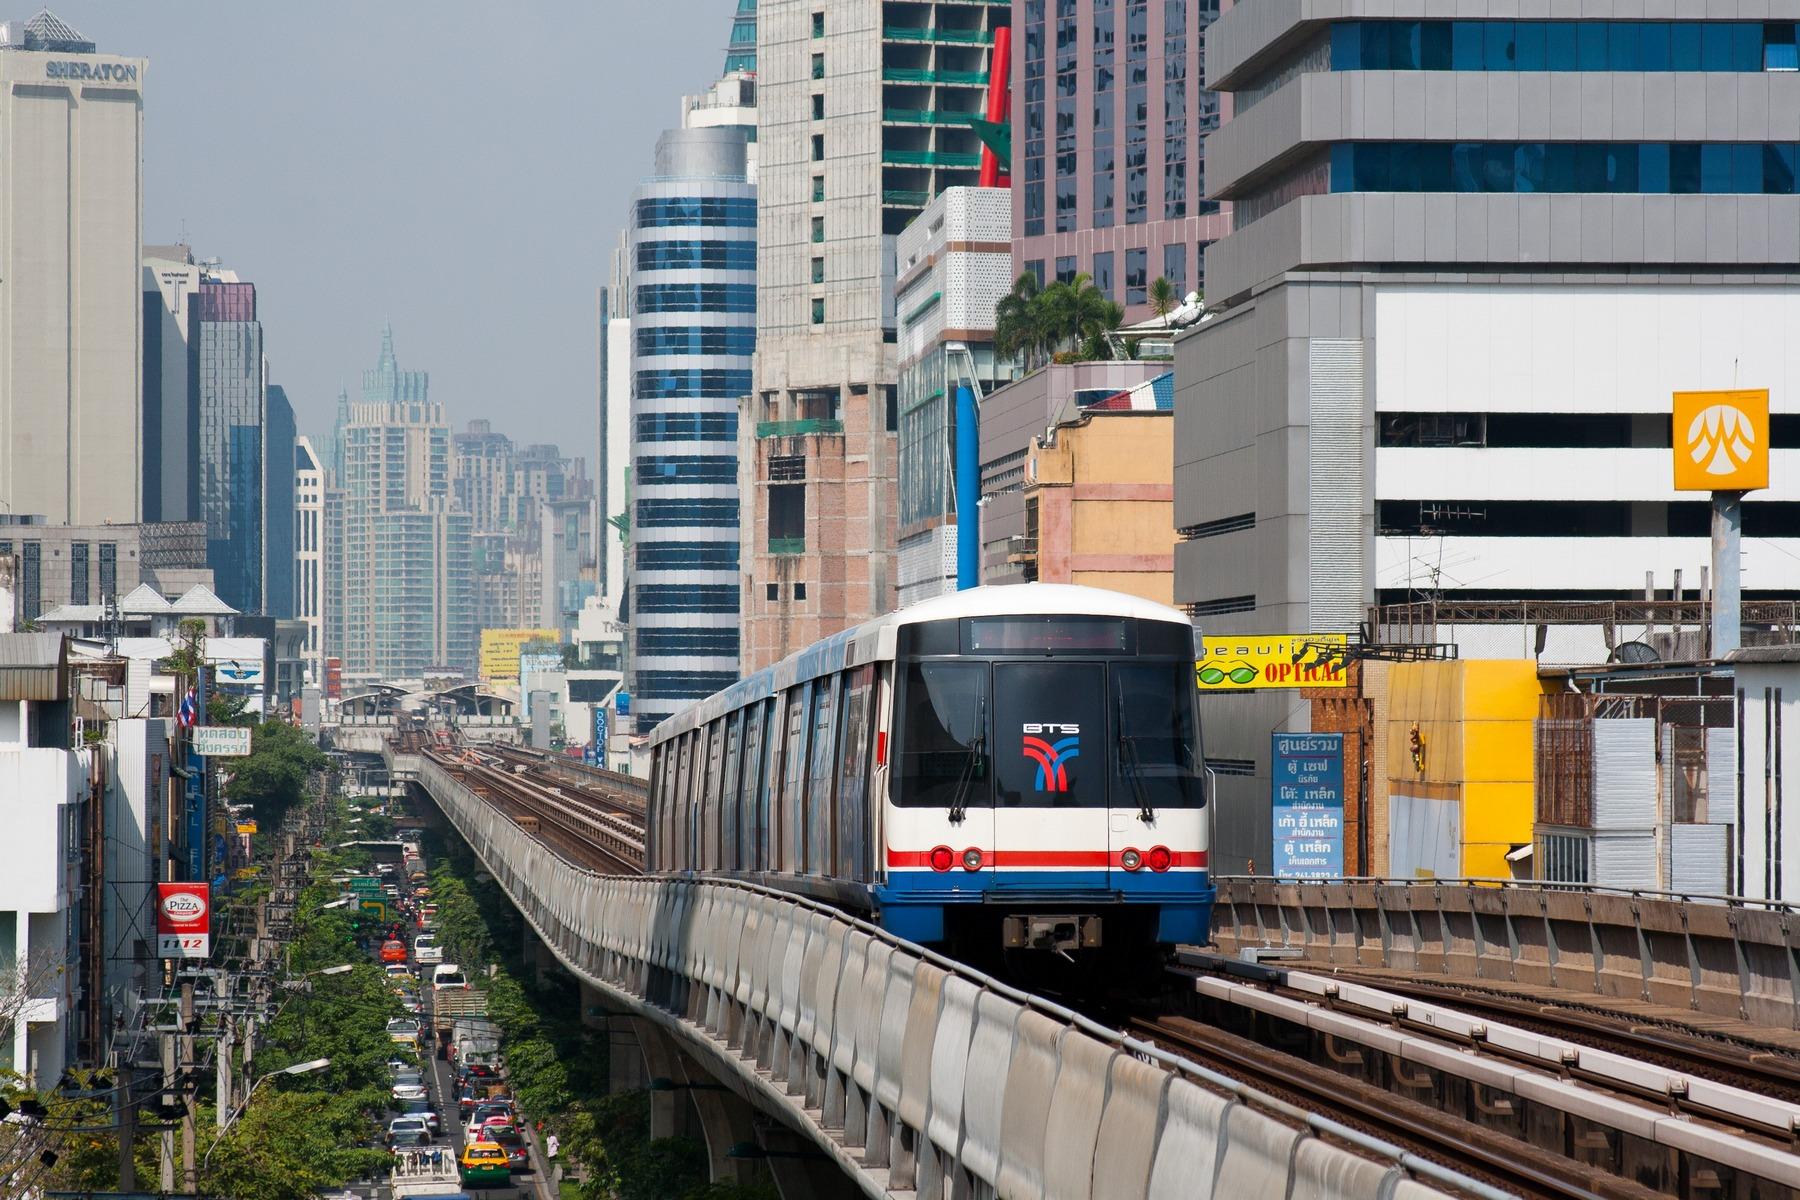 BTS Bangkok: Sistem Transportasi Umum Skytrain